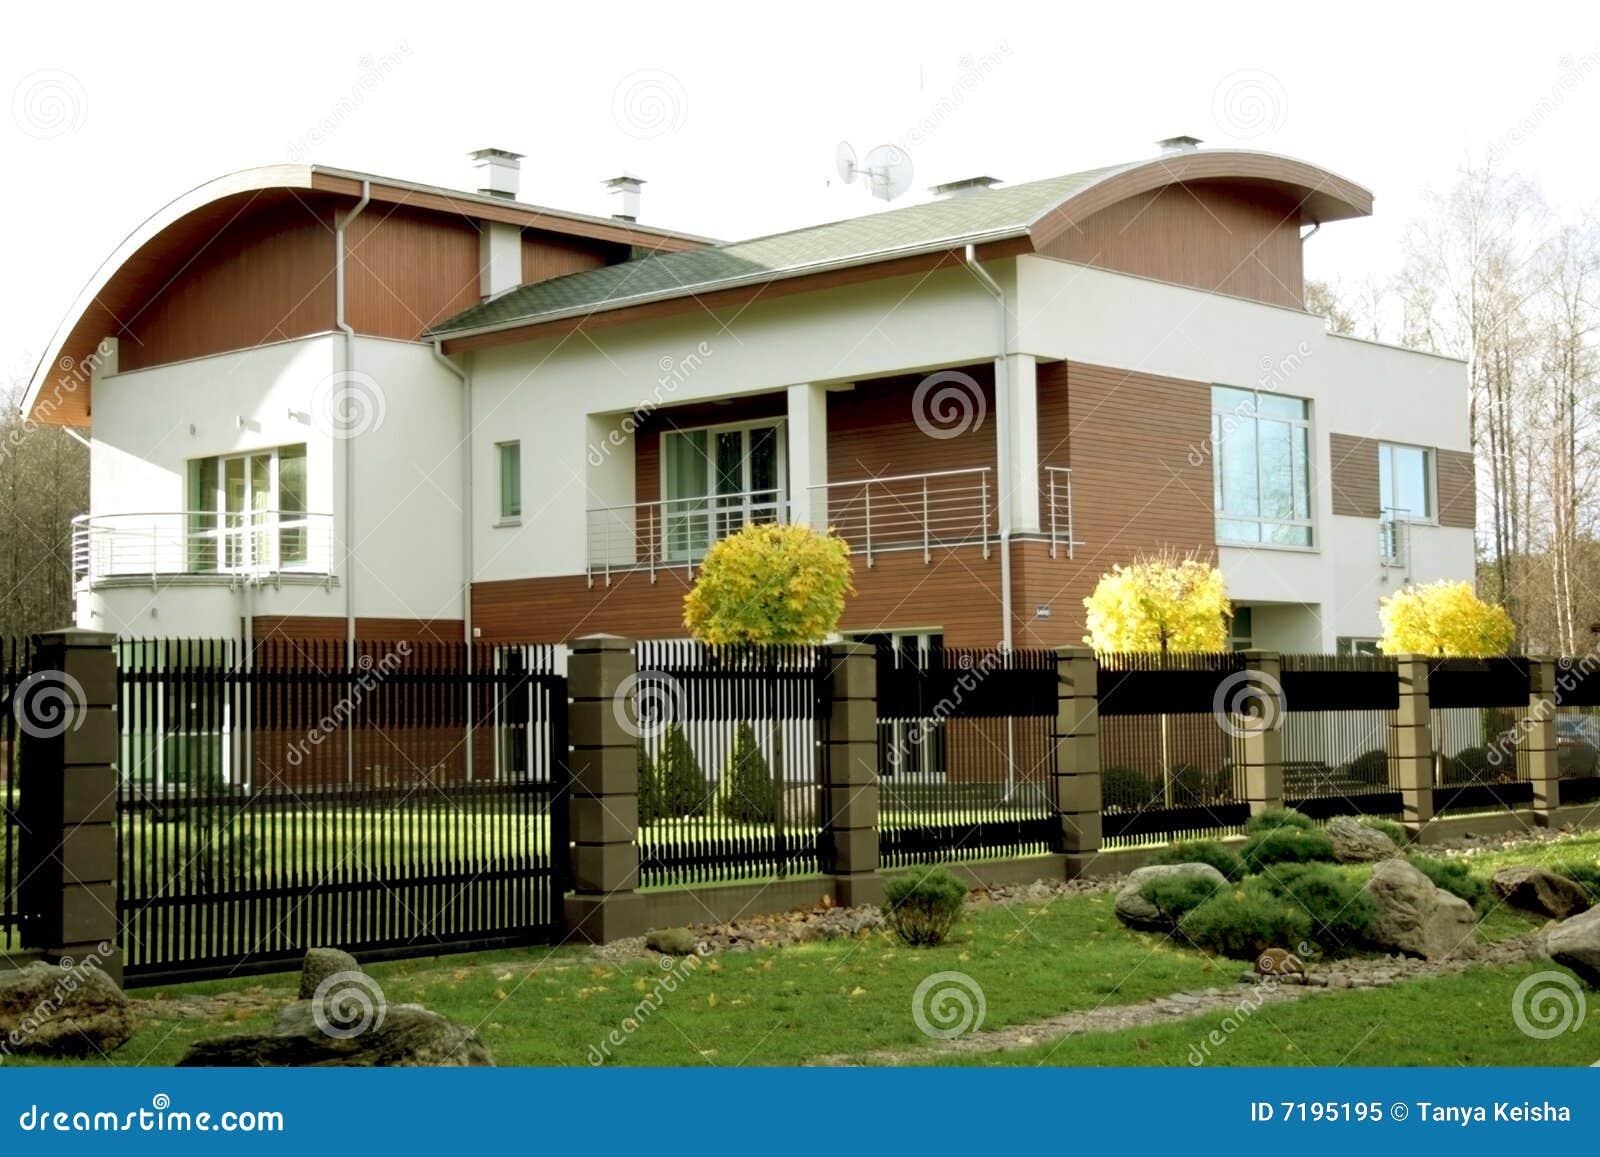 Architecte maison contemporaine maison moderne for Architecte de maison contemporaine